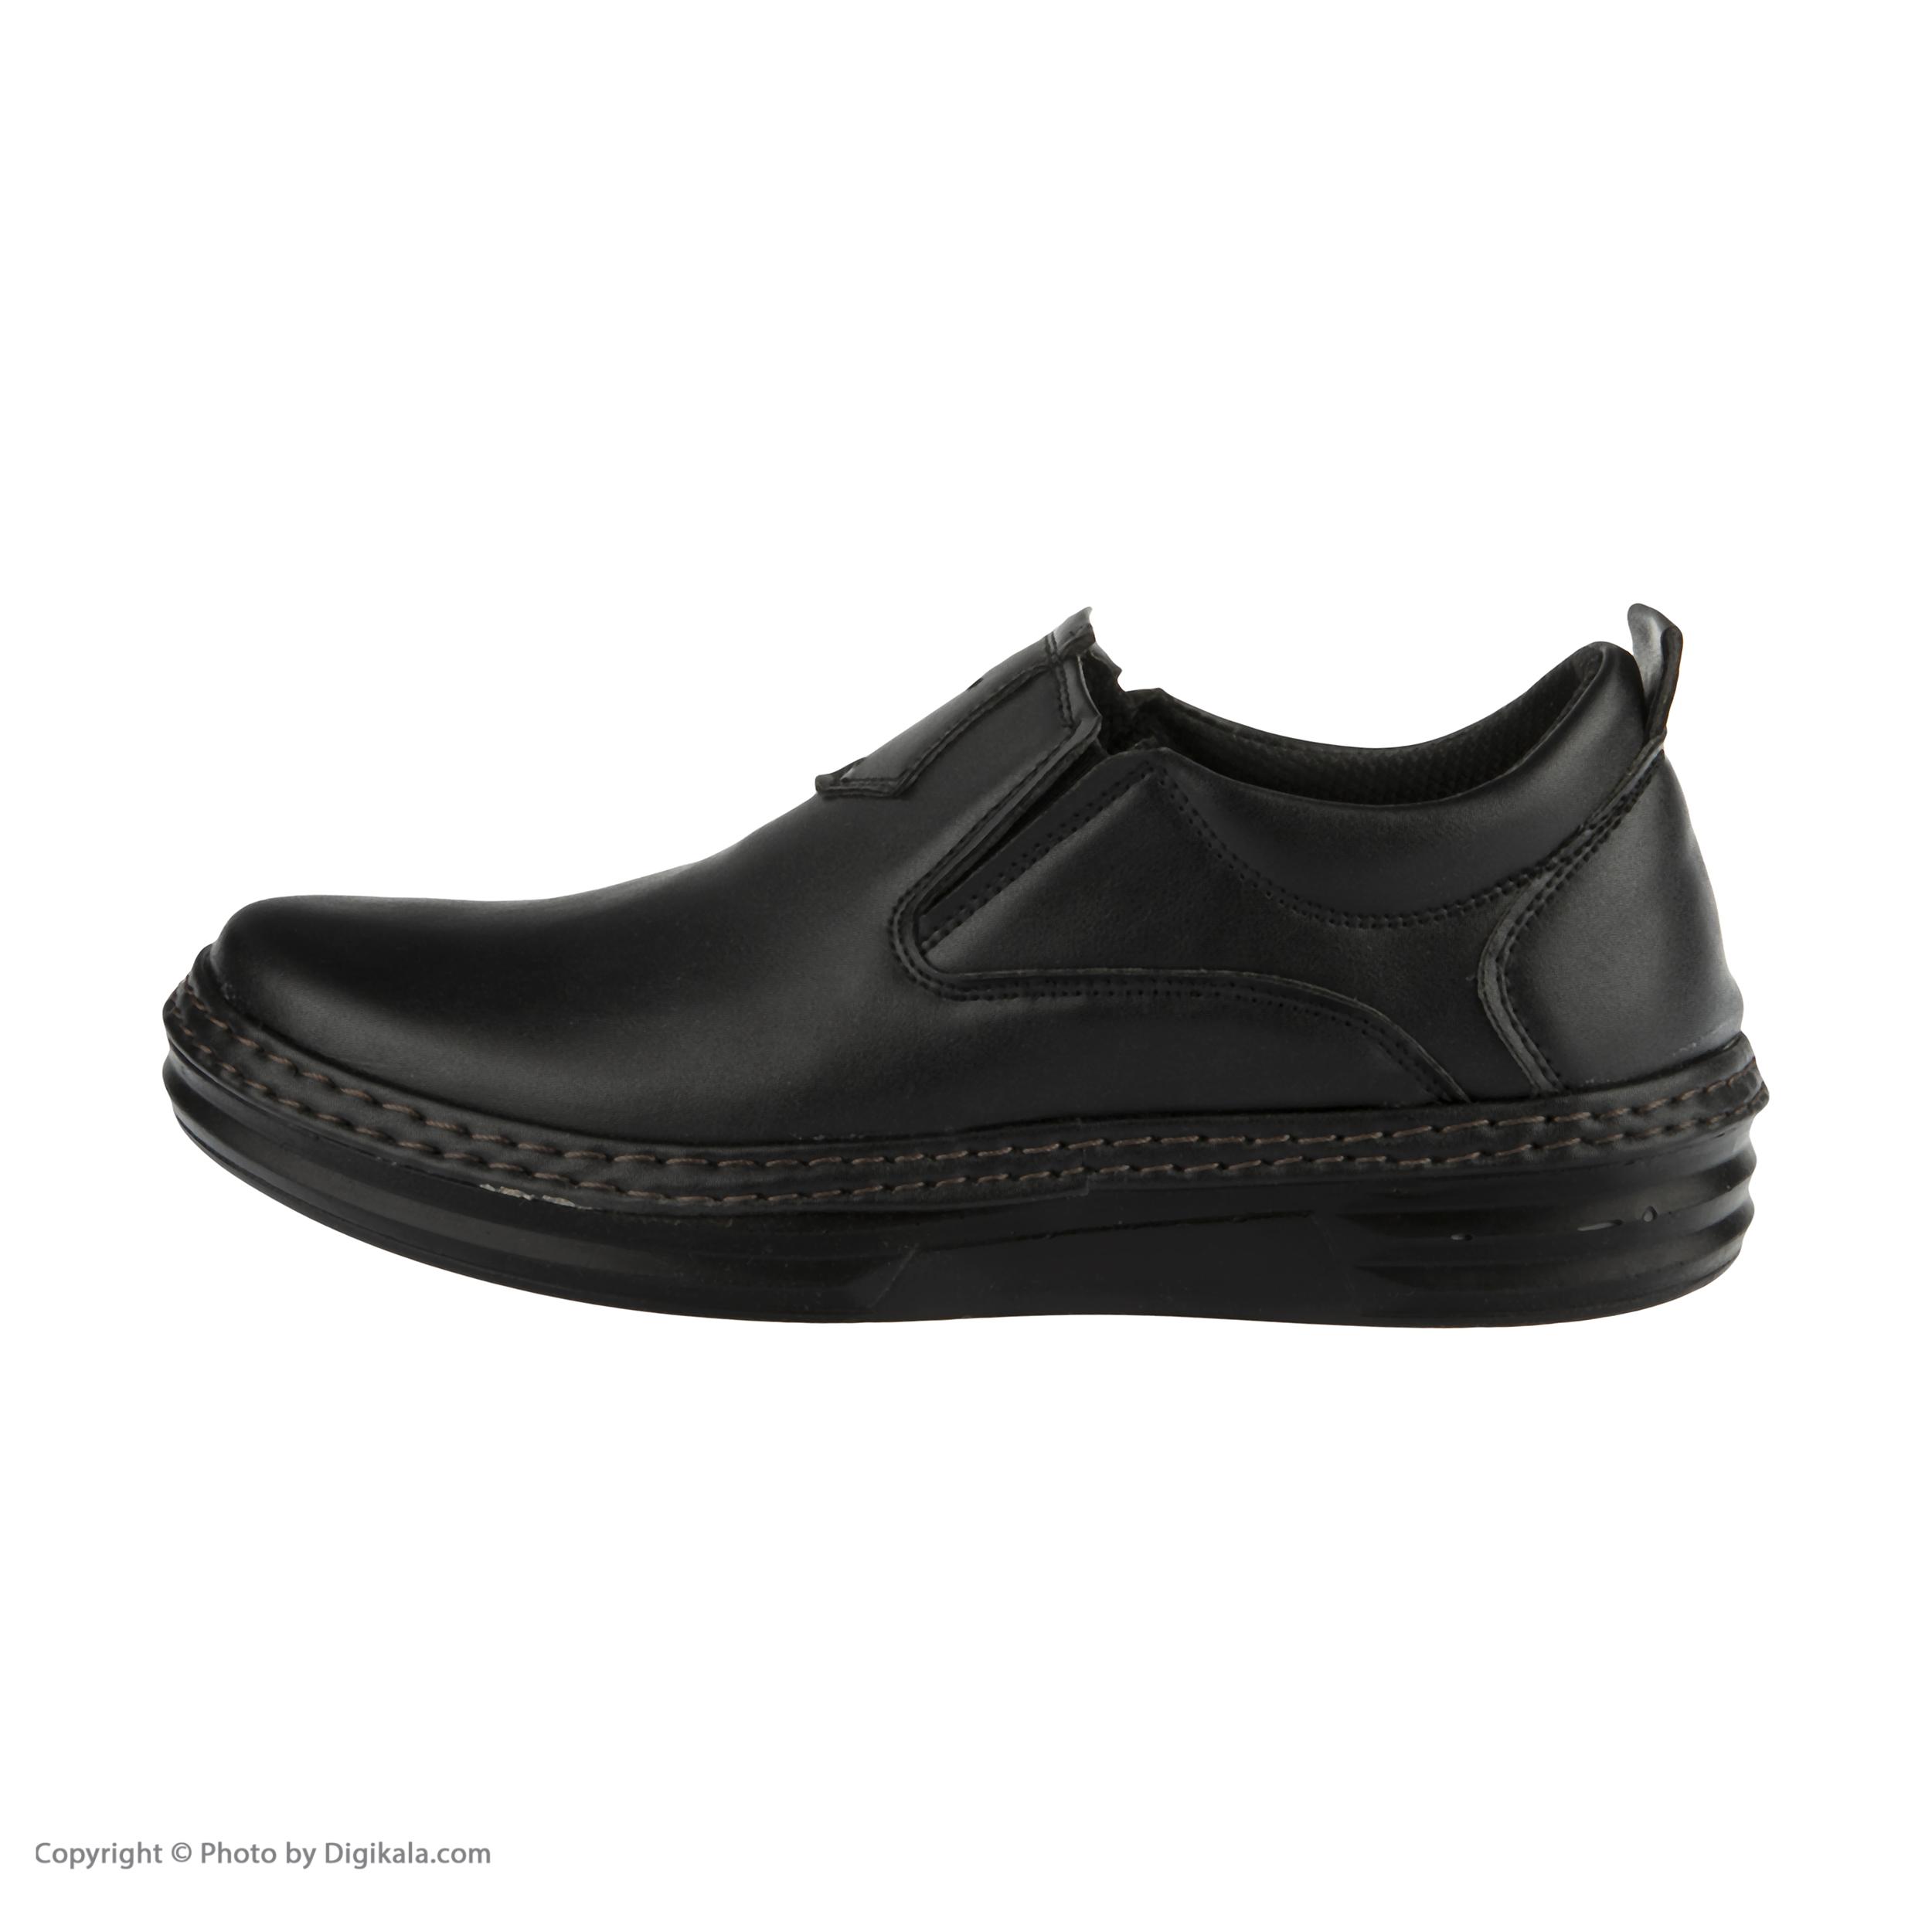 کفش روزمره مردانه اسپرت من مدل 40024-1-13  -  - 3